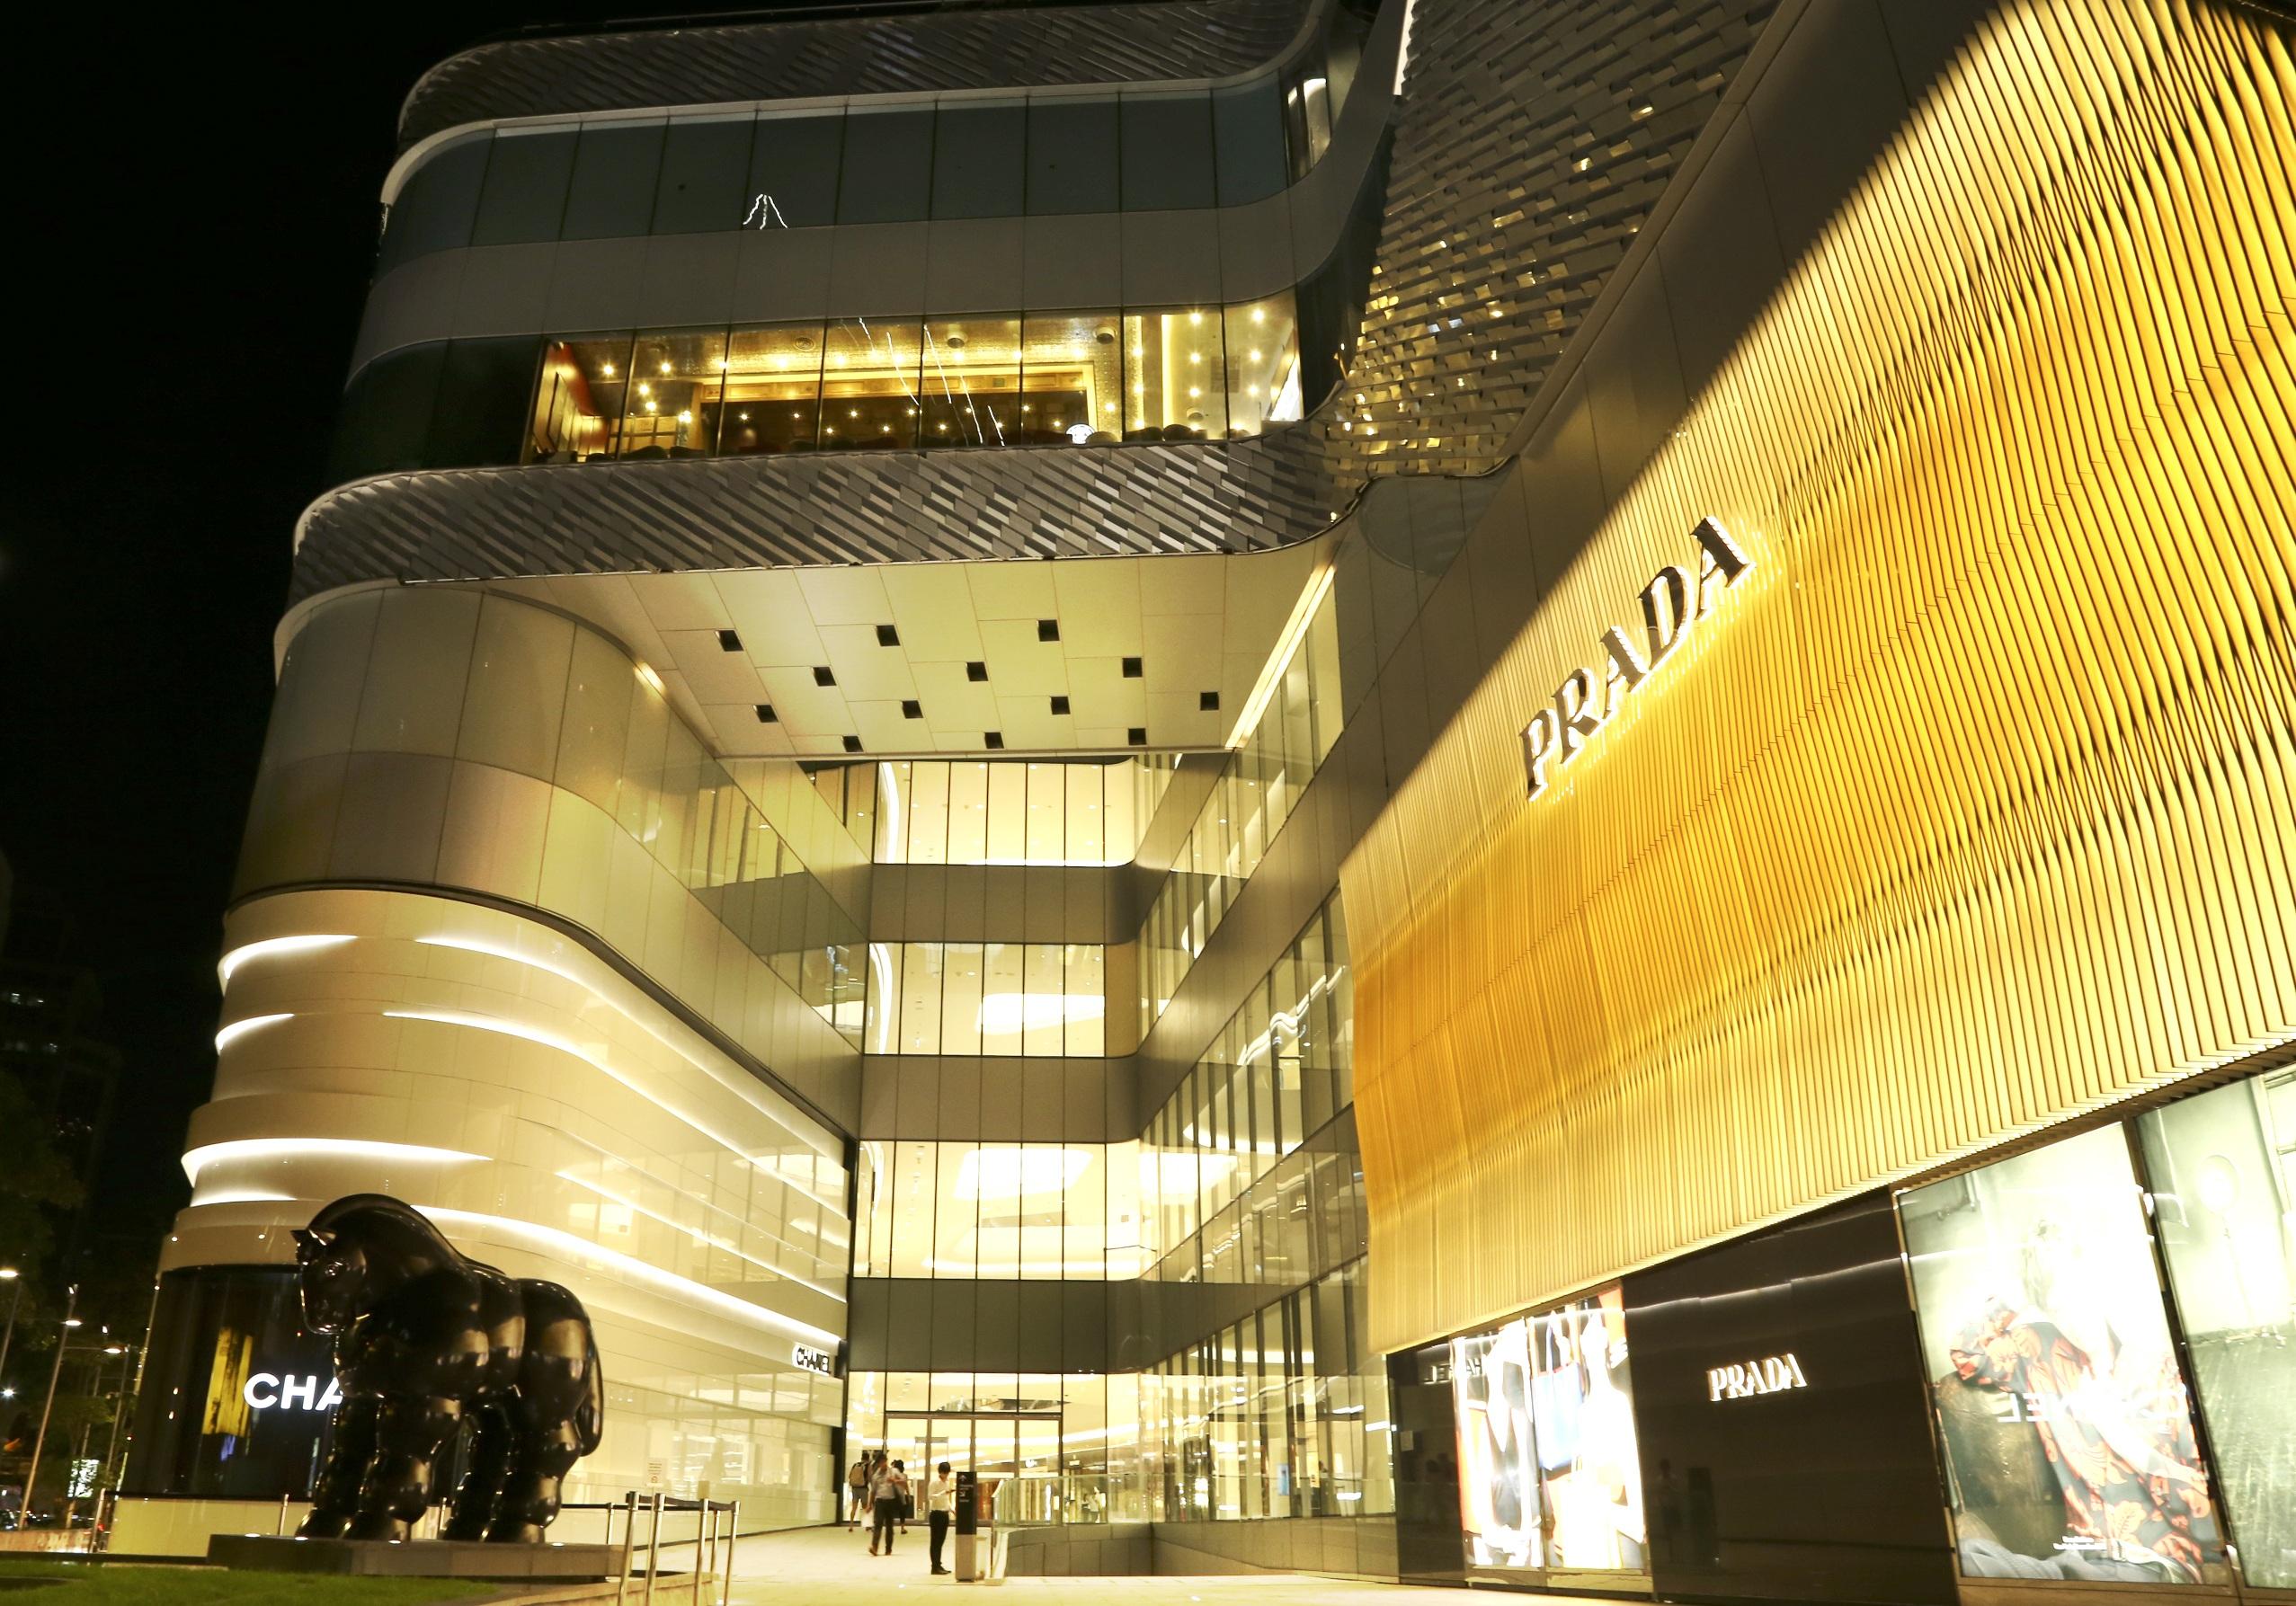 Images Gratuites : architecture, bâtiment, boutique, le magasin ...